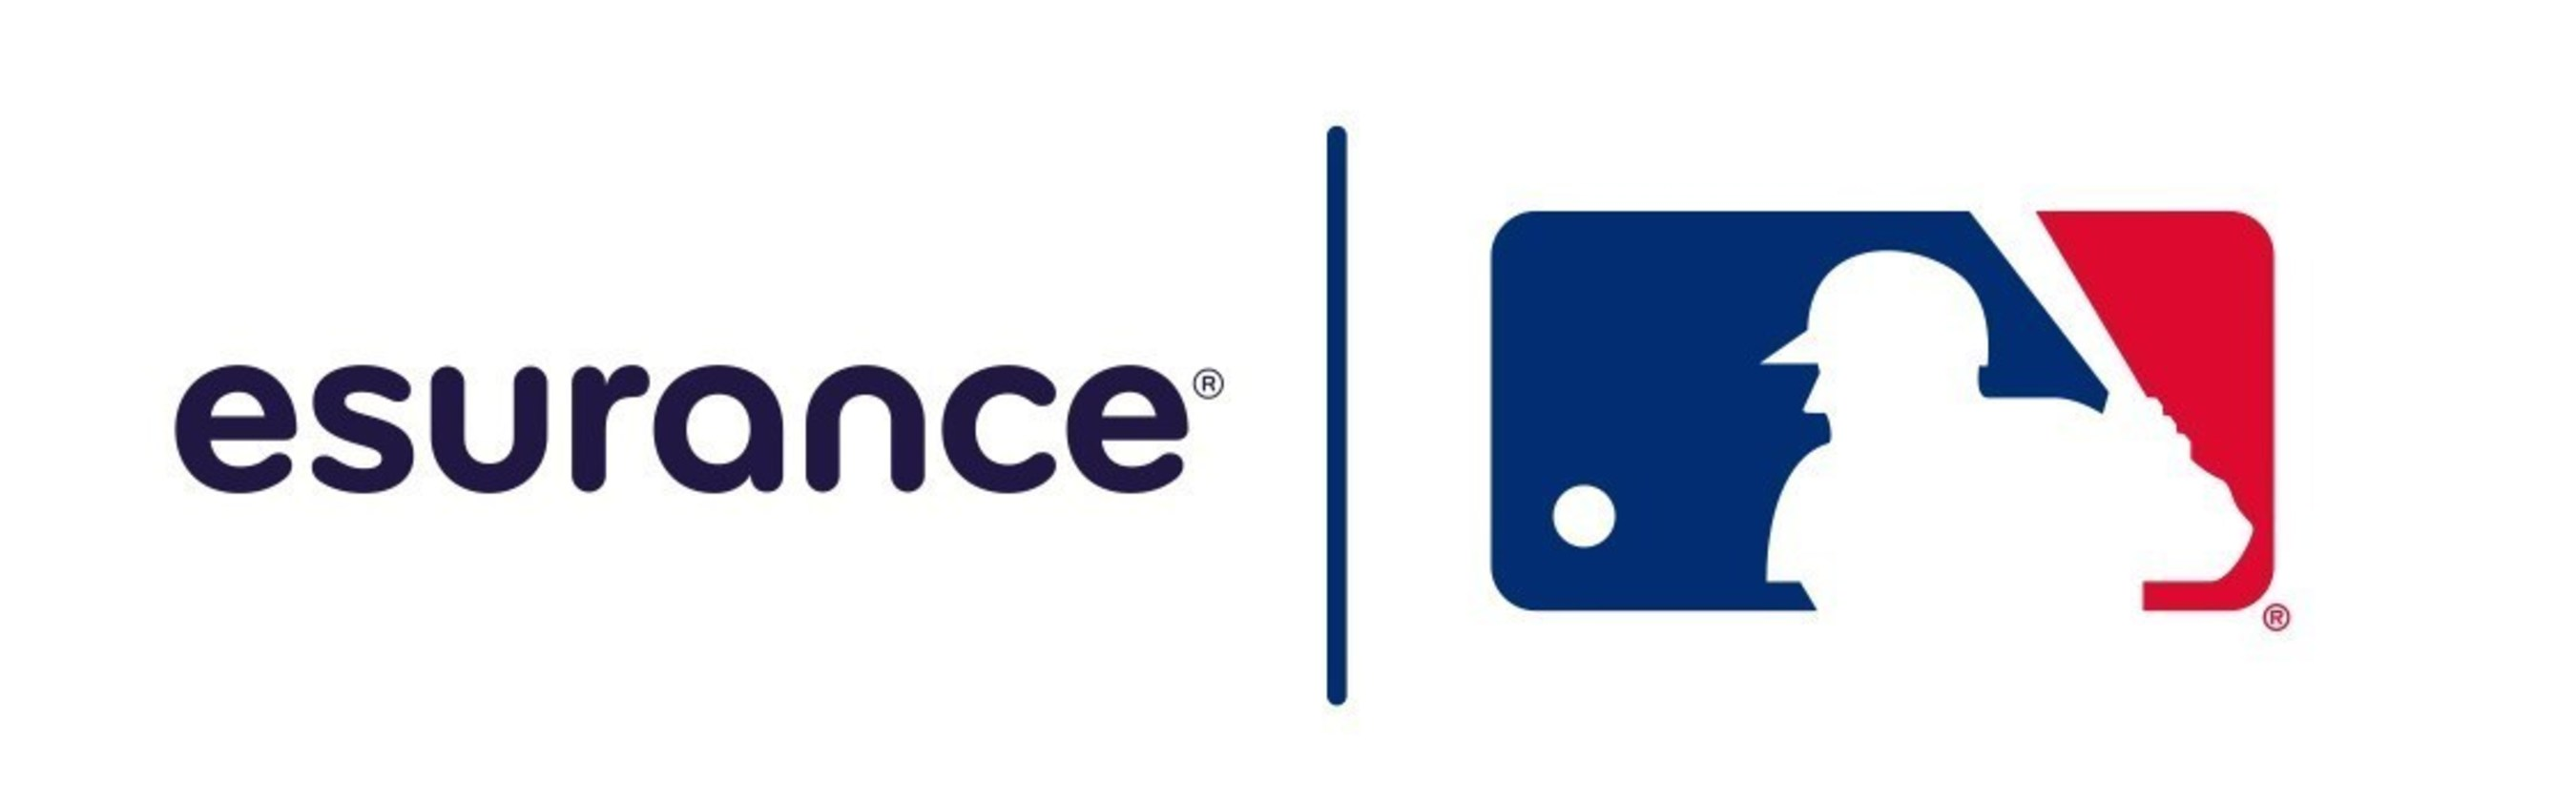 Esurance and Major League Baseball Partnership